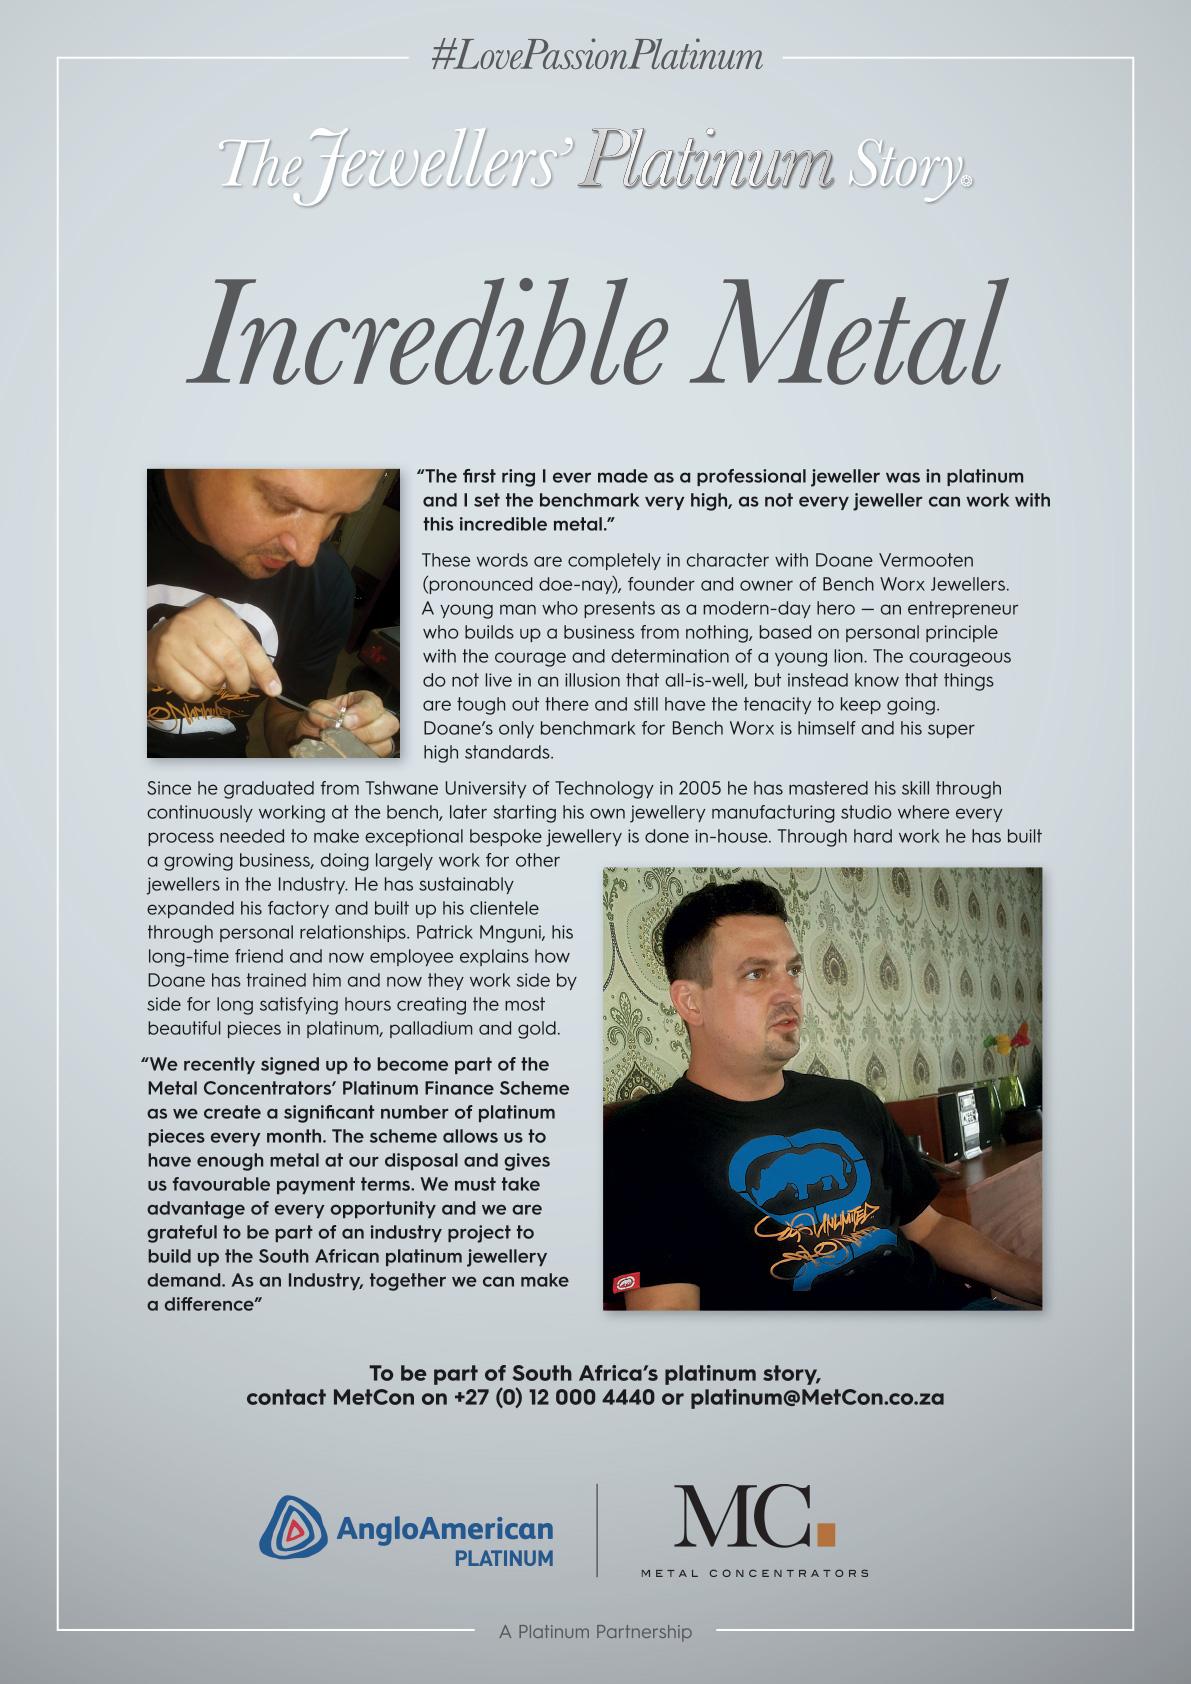 Incredible Metal